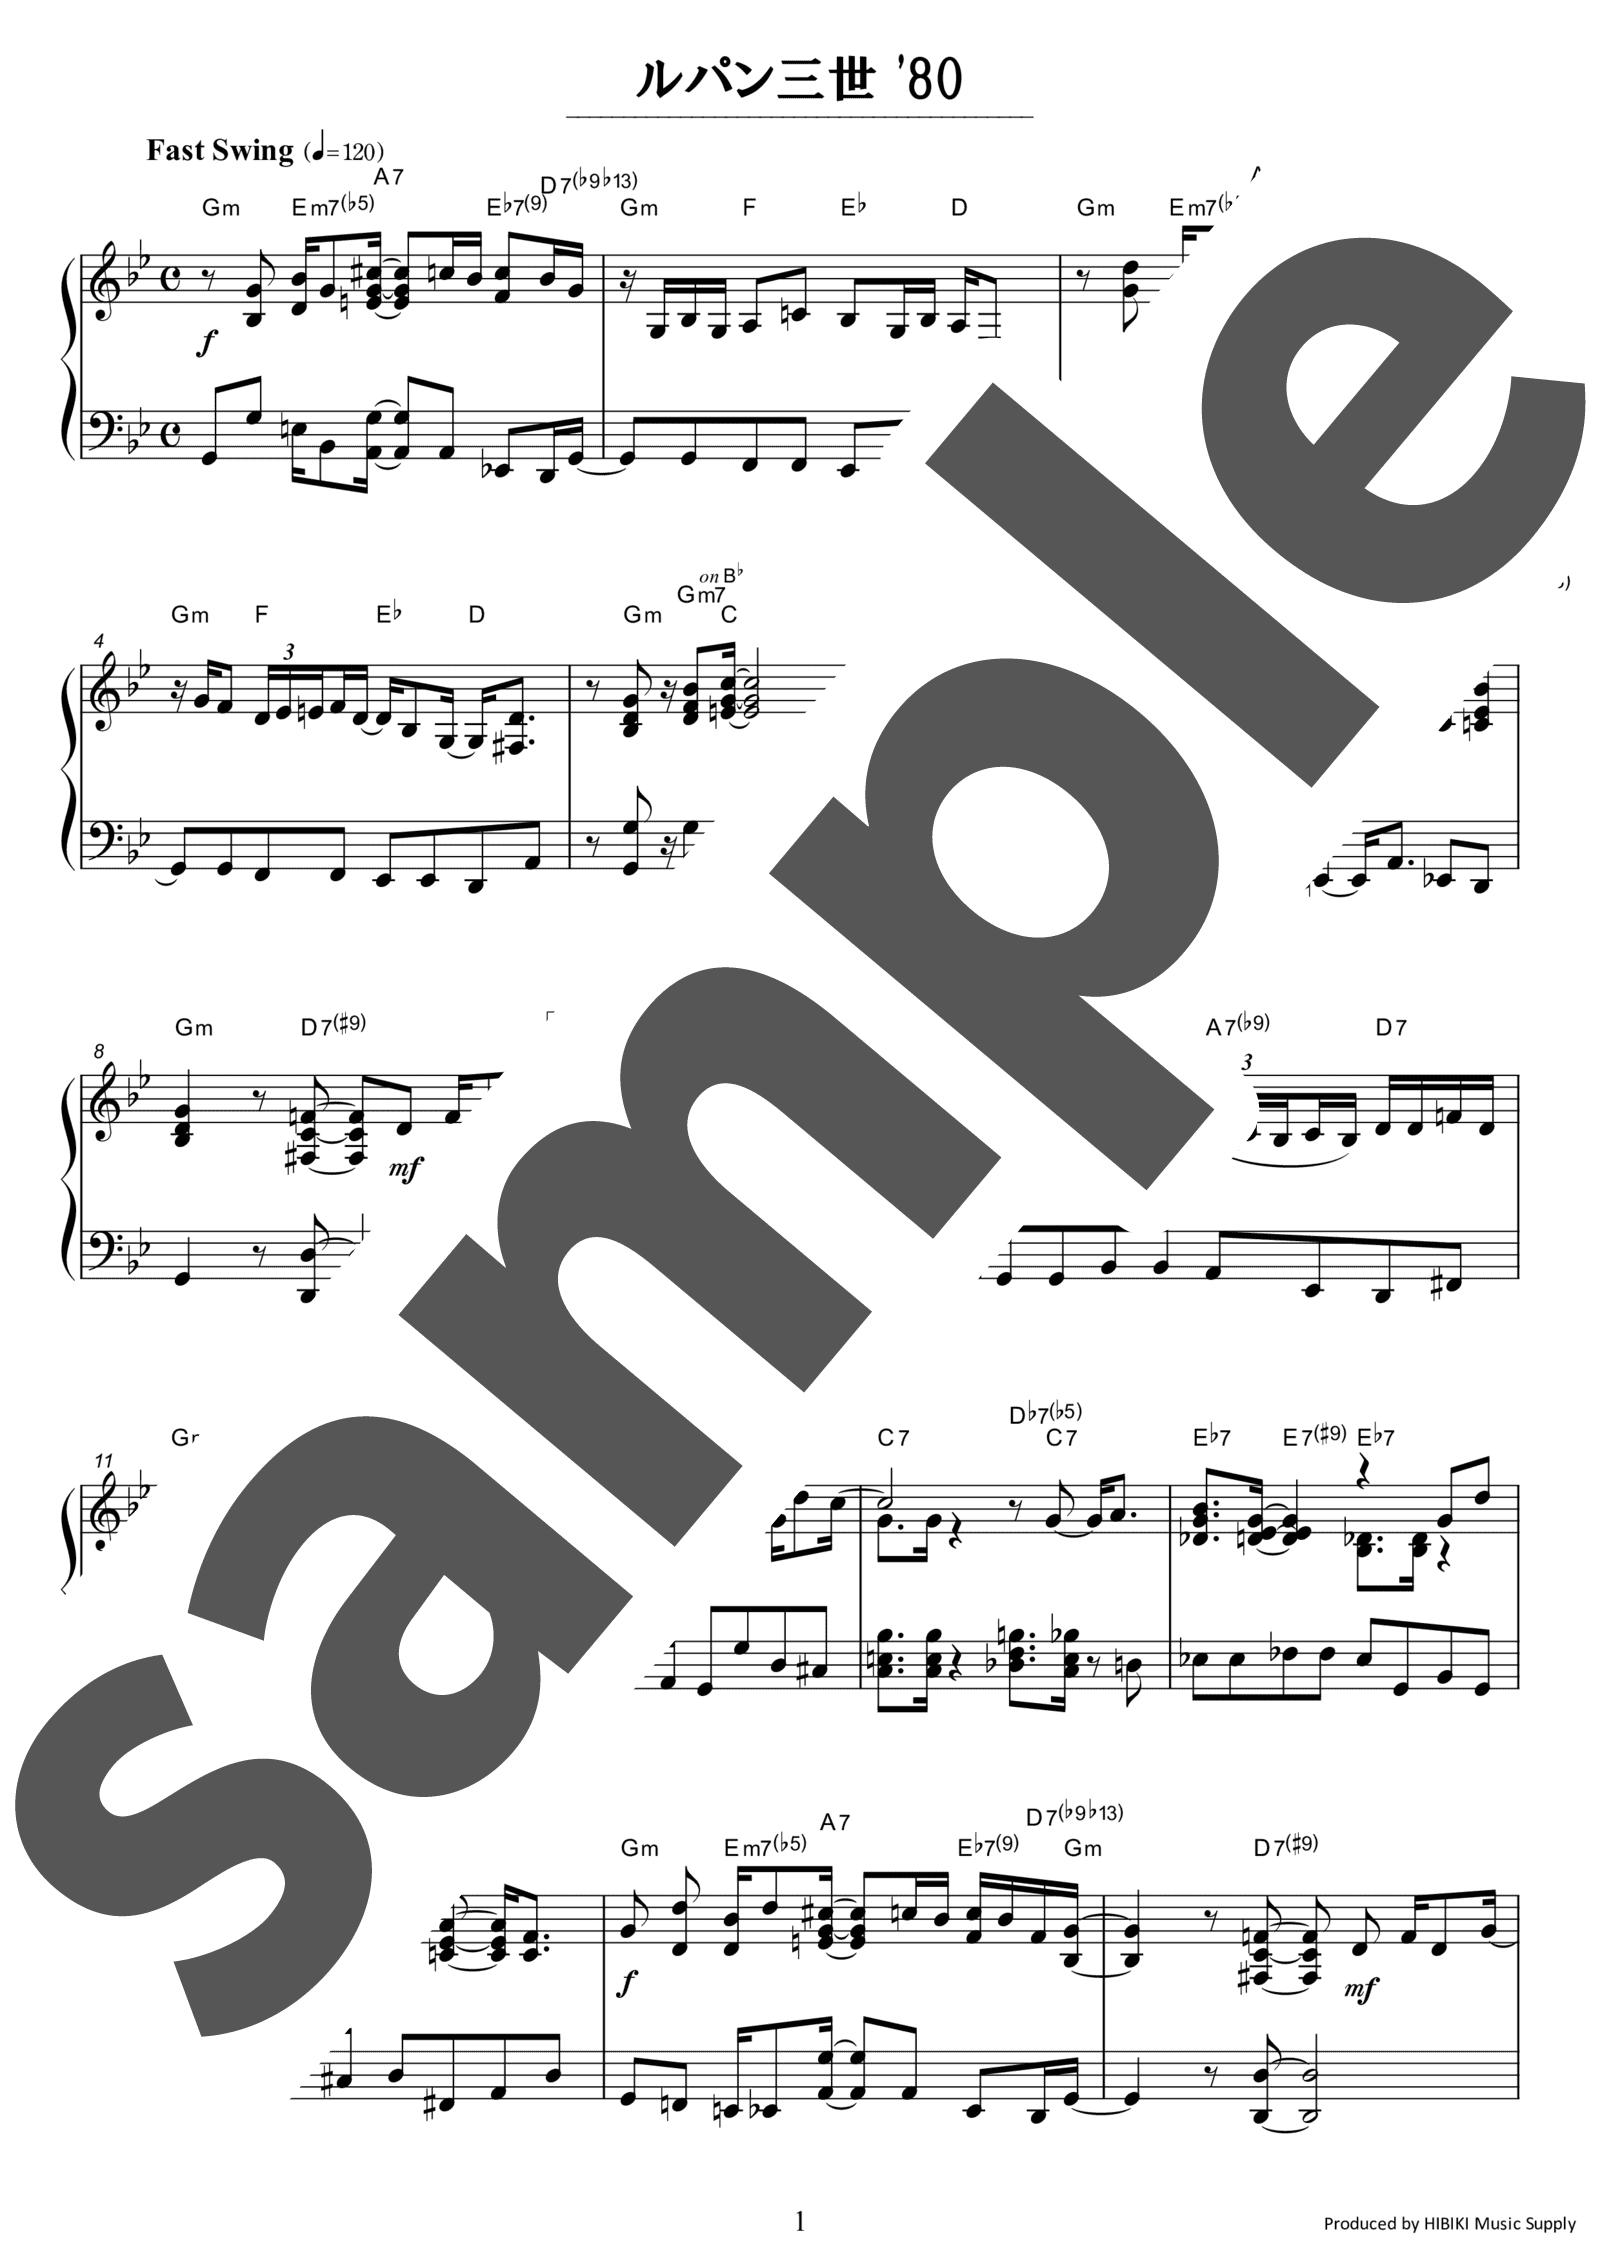 「ルパン三世'80」のサンプル楽譜